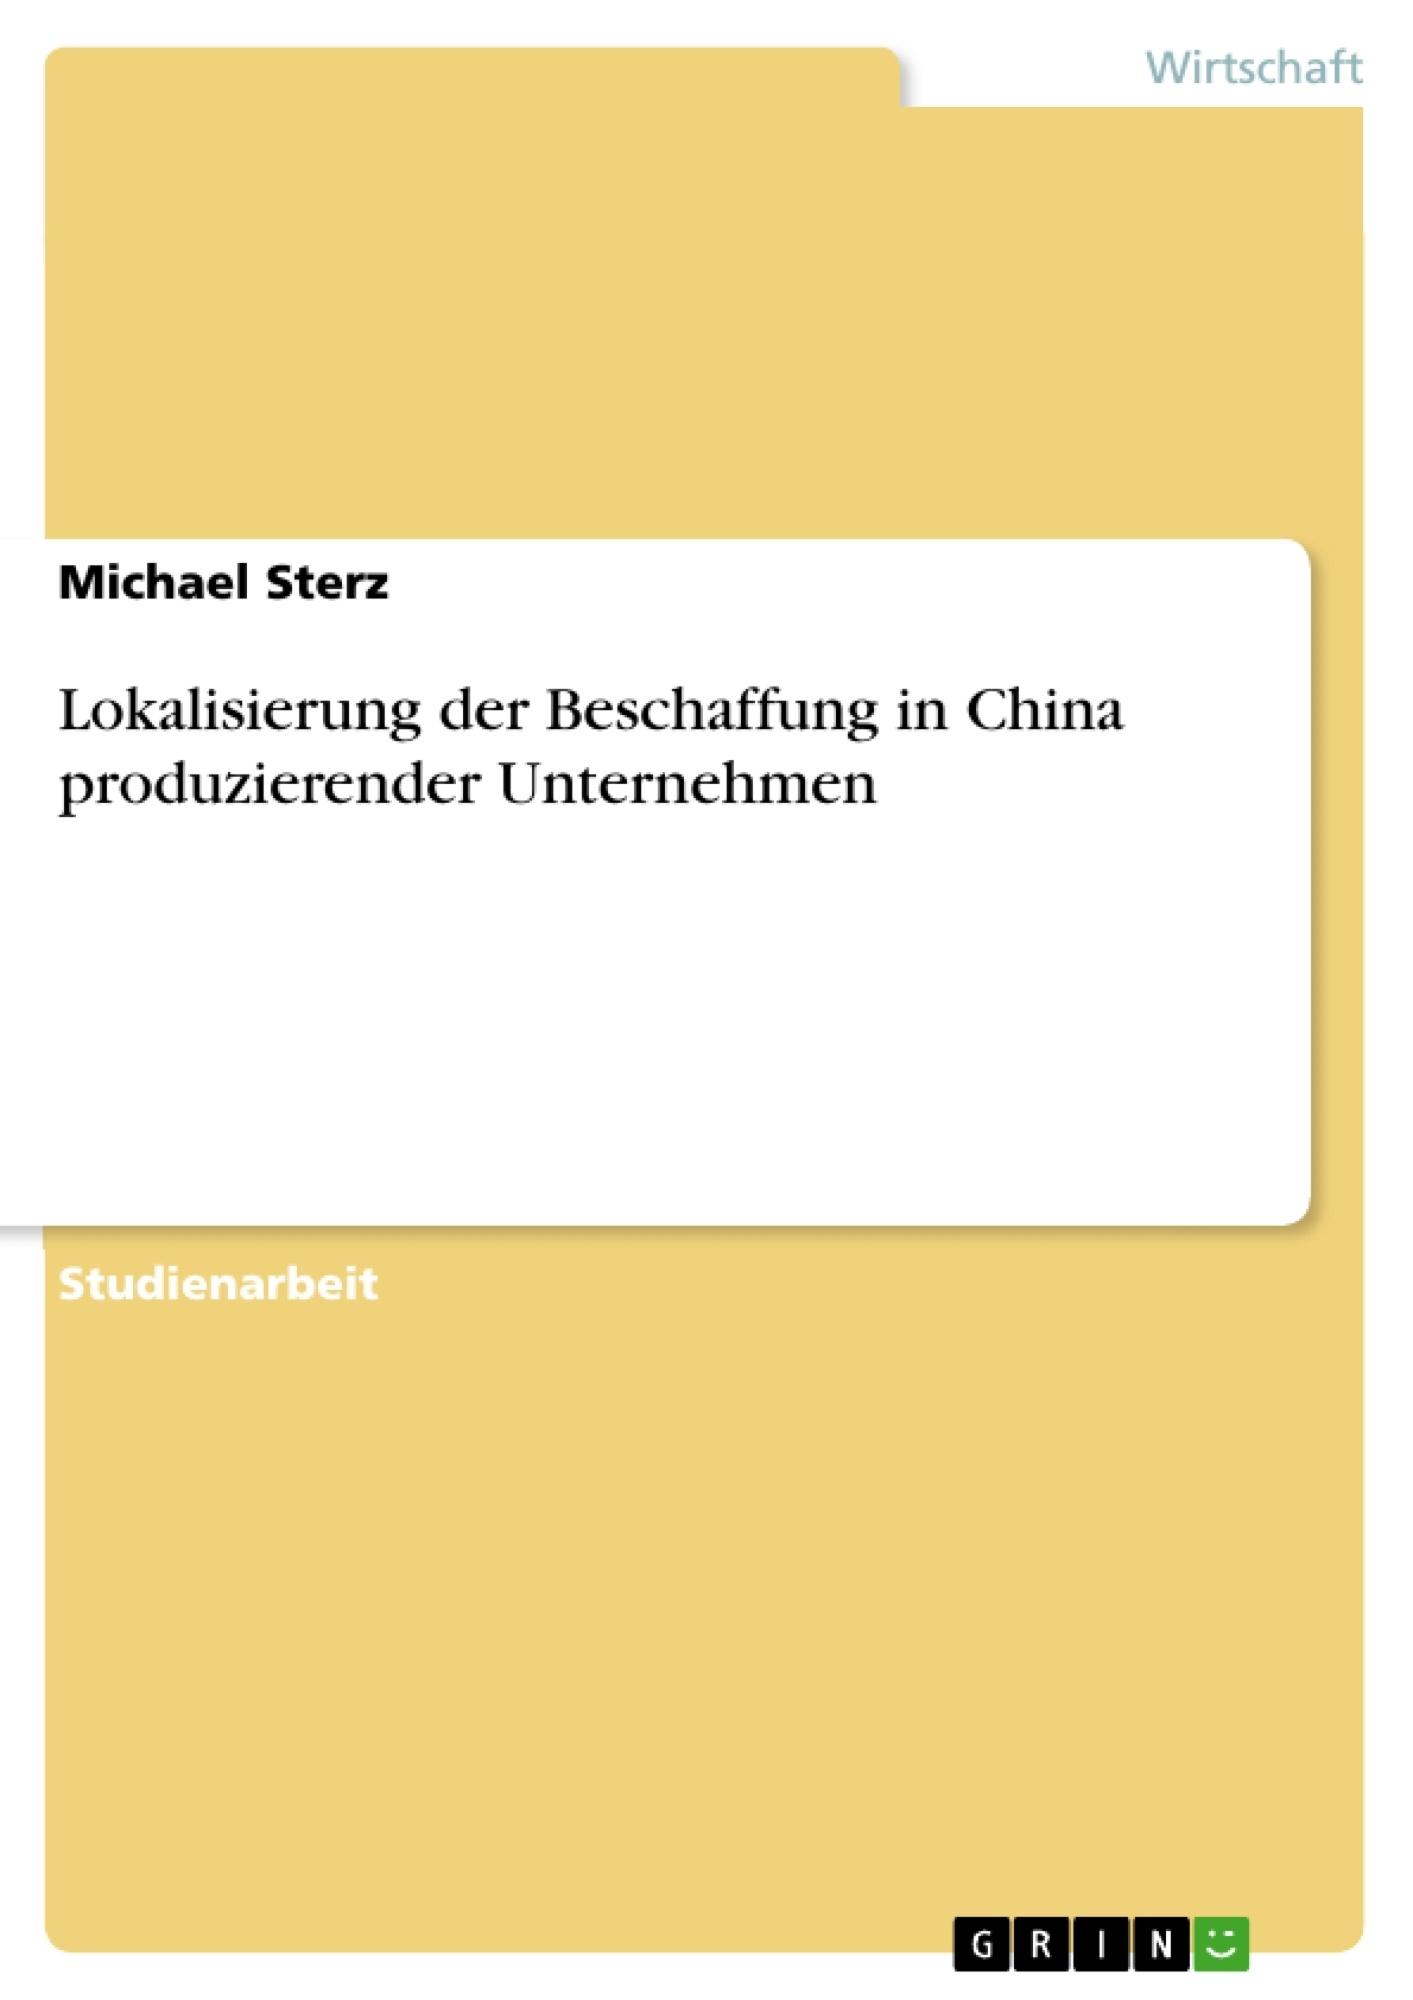 Titel: Lokalisierung der Beschaffung in China produzierender Unternehmen